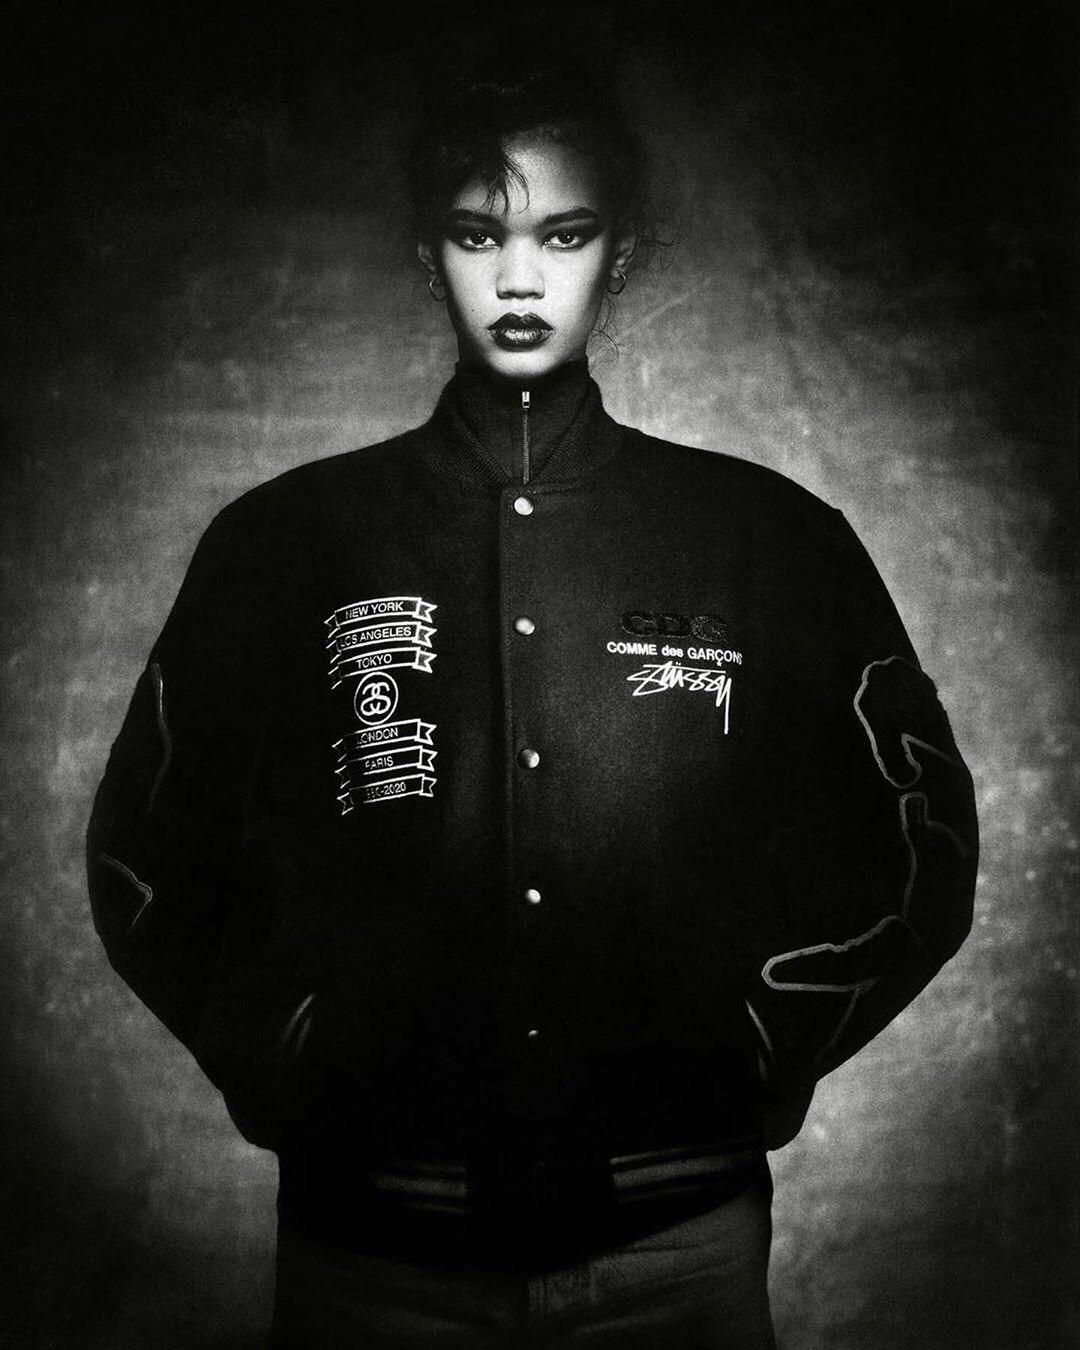 为庆祝 Stussy 成立 40 周年,Stussy 携手 COMME des GARÇONS 推出限量版学院夹克,黑色主调下,以羊毛材质打造,融入雪尼尔面料的图案,而品牌 Logo 则高调的置于夹克前后。该联名夹克将于🗓1/15 发售。🤩🤩#好物推荐#